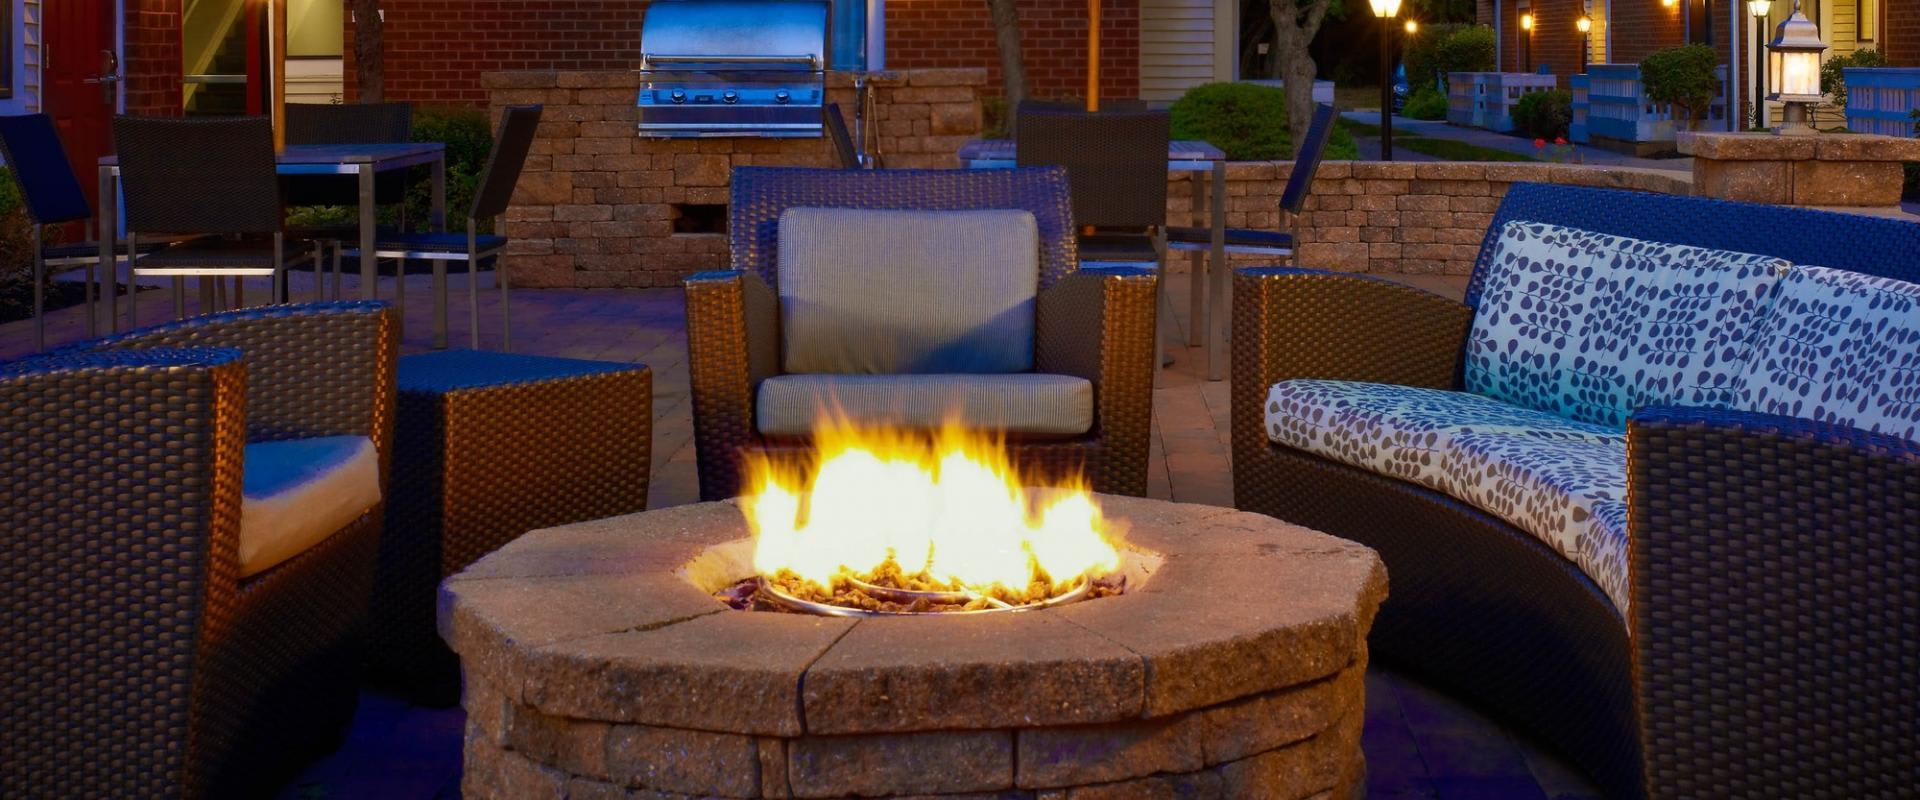 ES Suites - Patio Fireplace